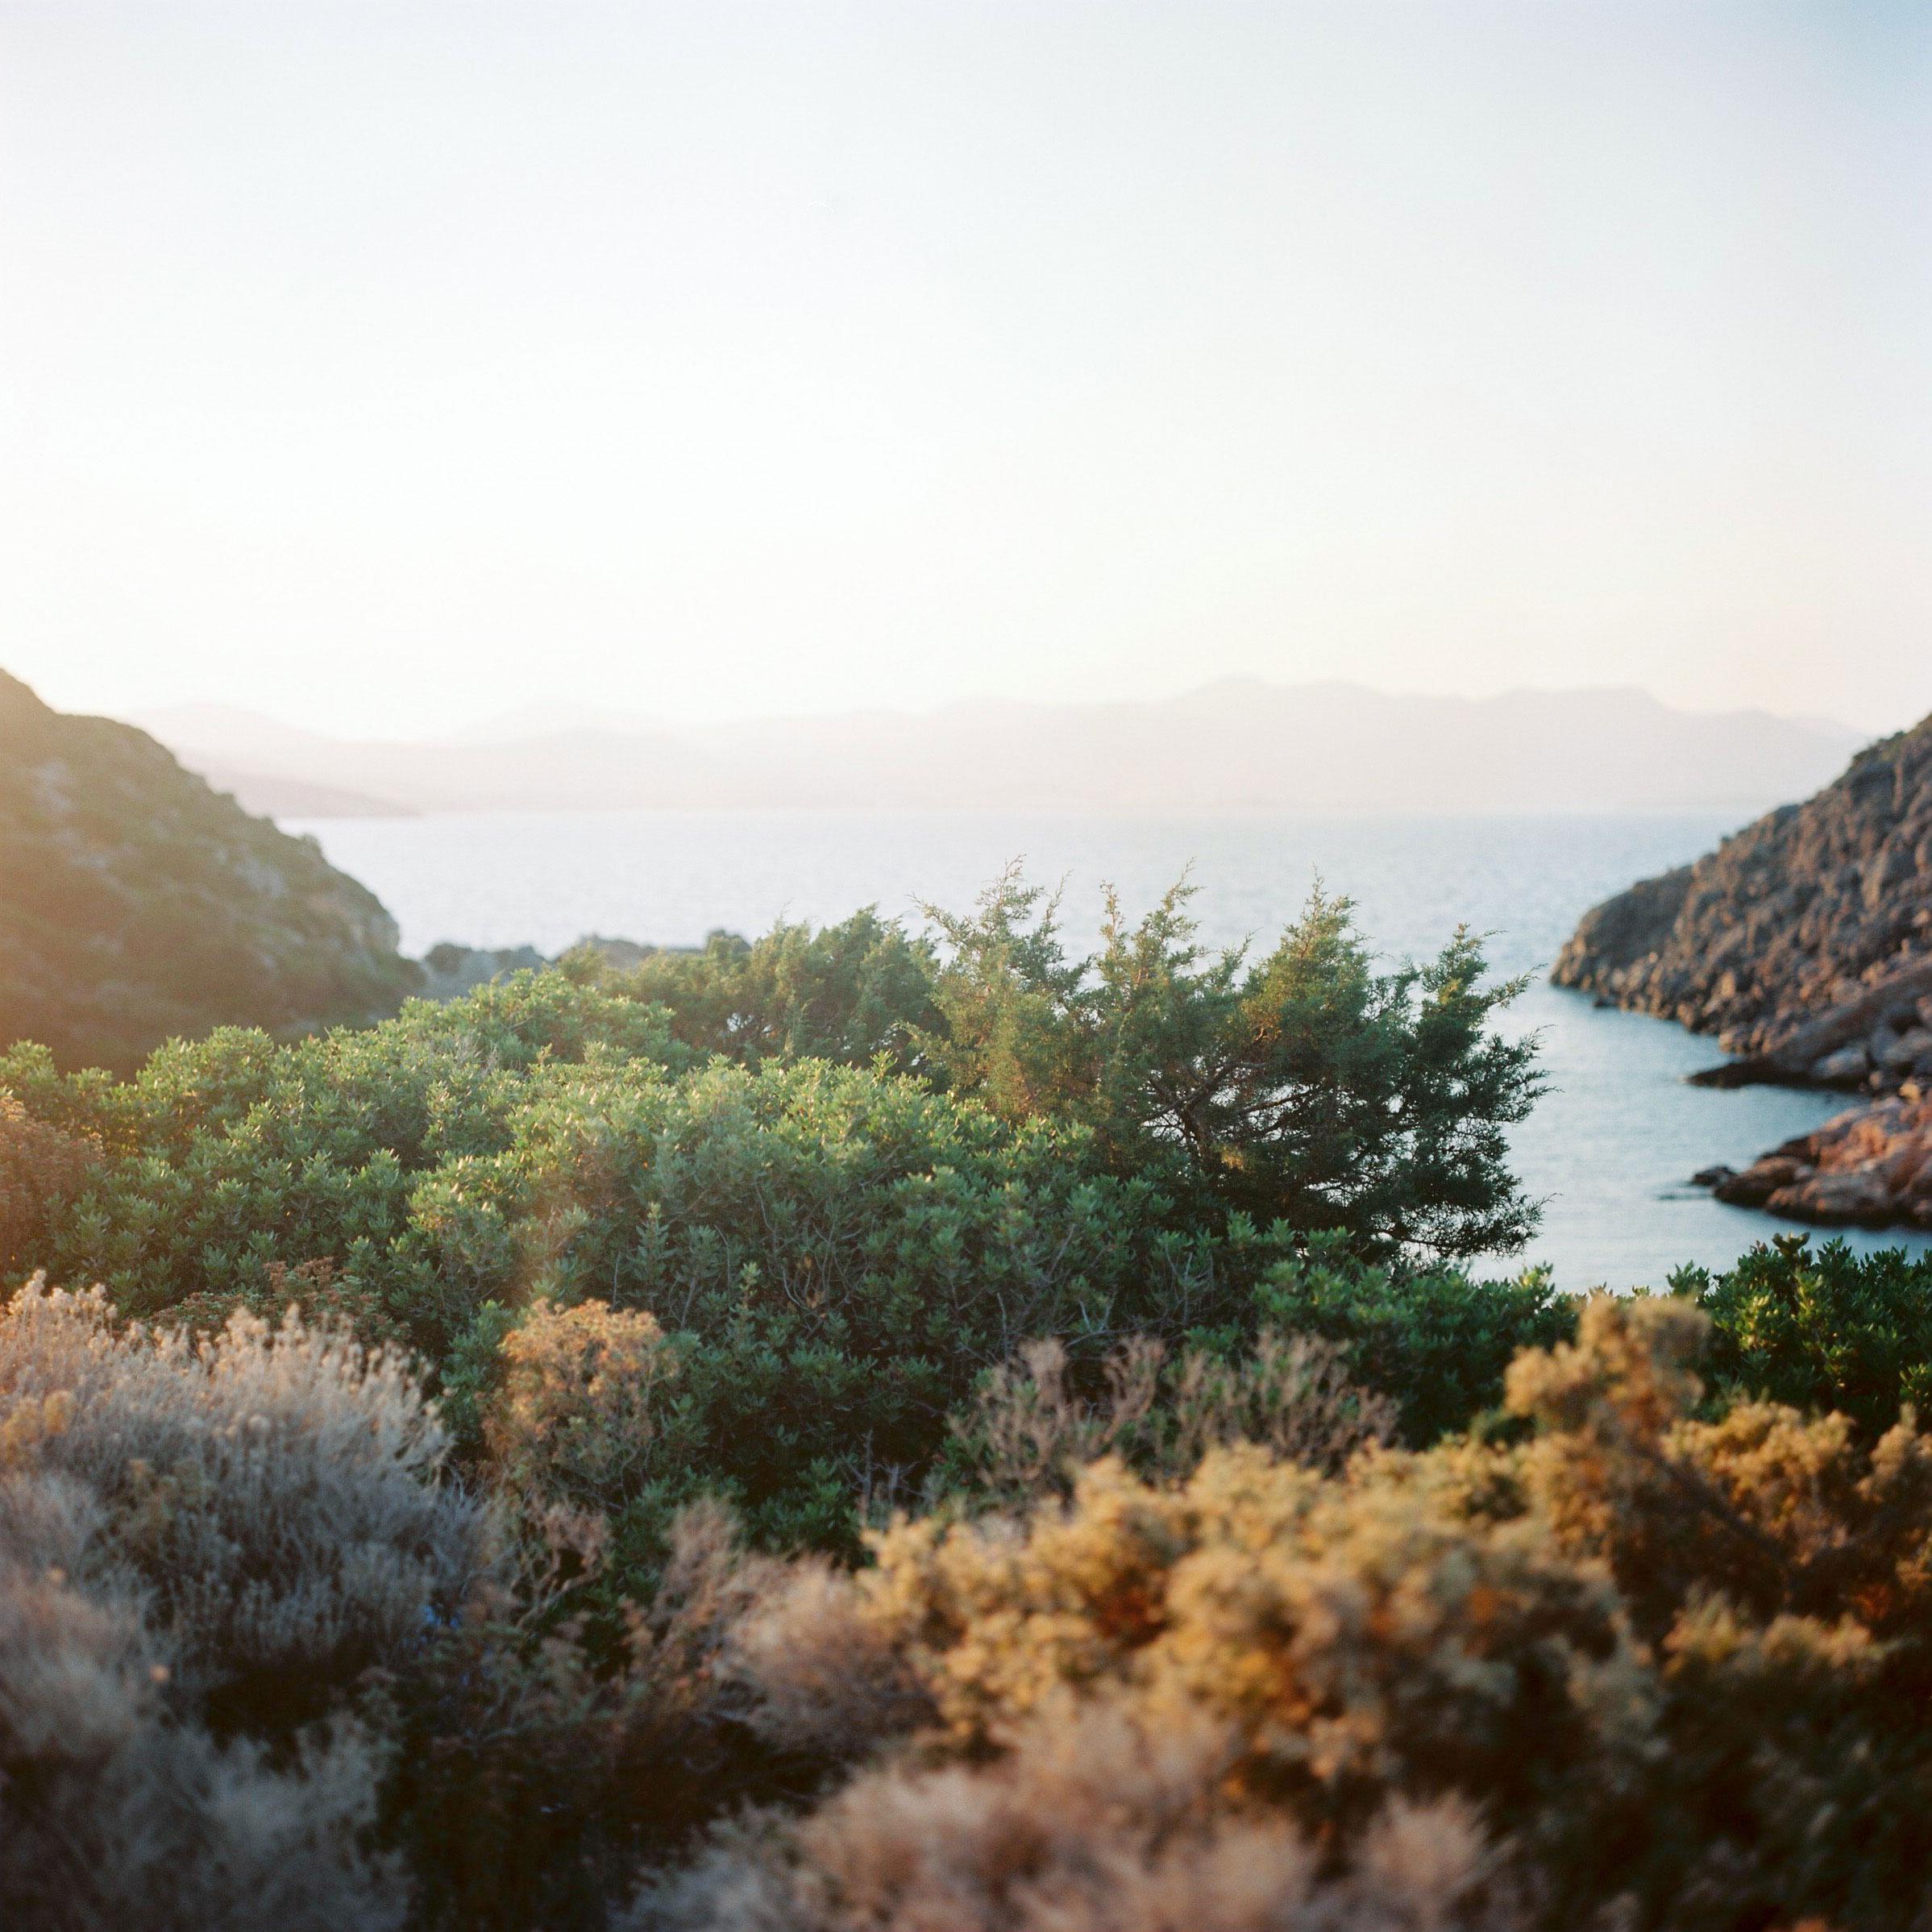 Tamara-Aptekar_Crete-July-2017-34.jpg